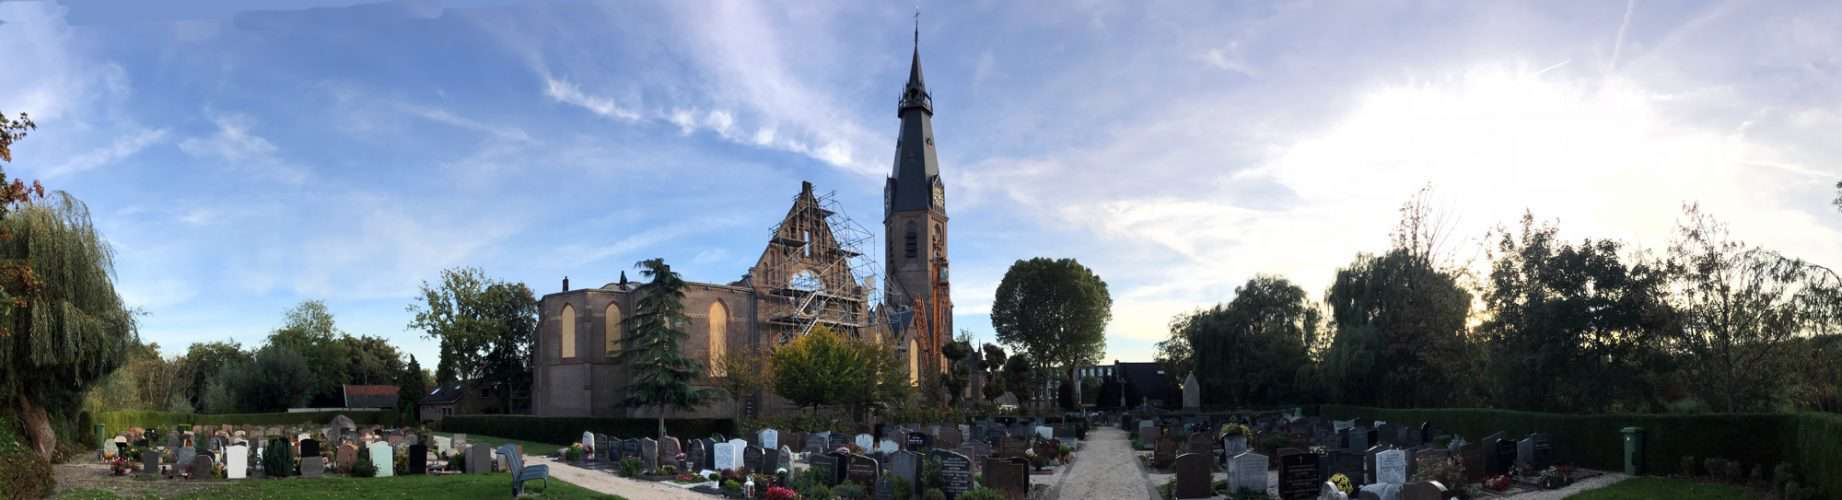 St. Urbanuskerk Bovenkerk - na de brand per 15 september 2018